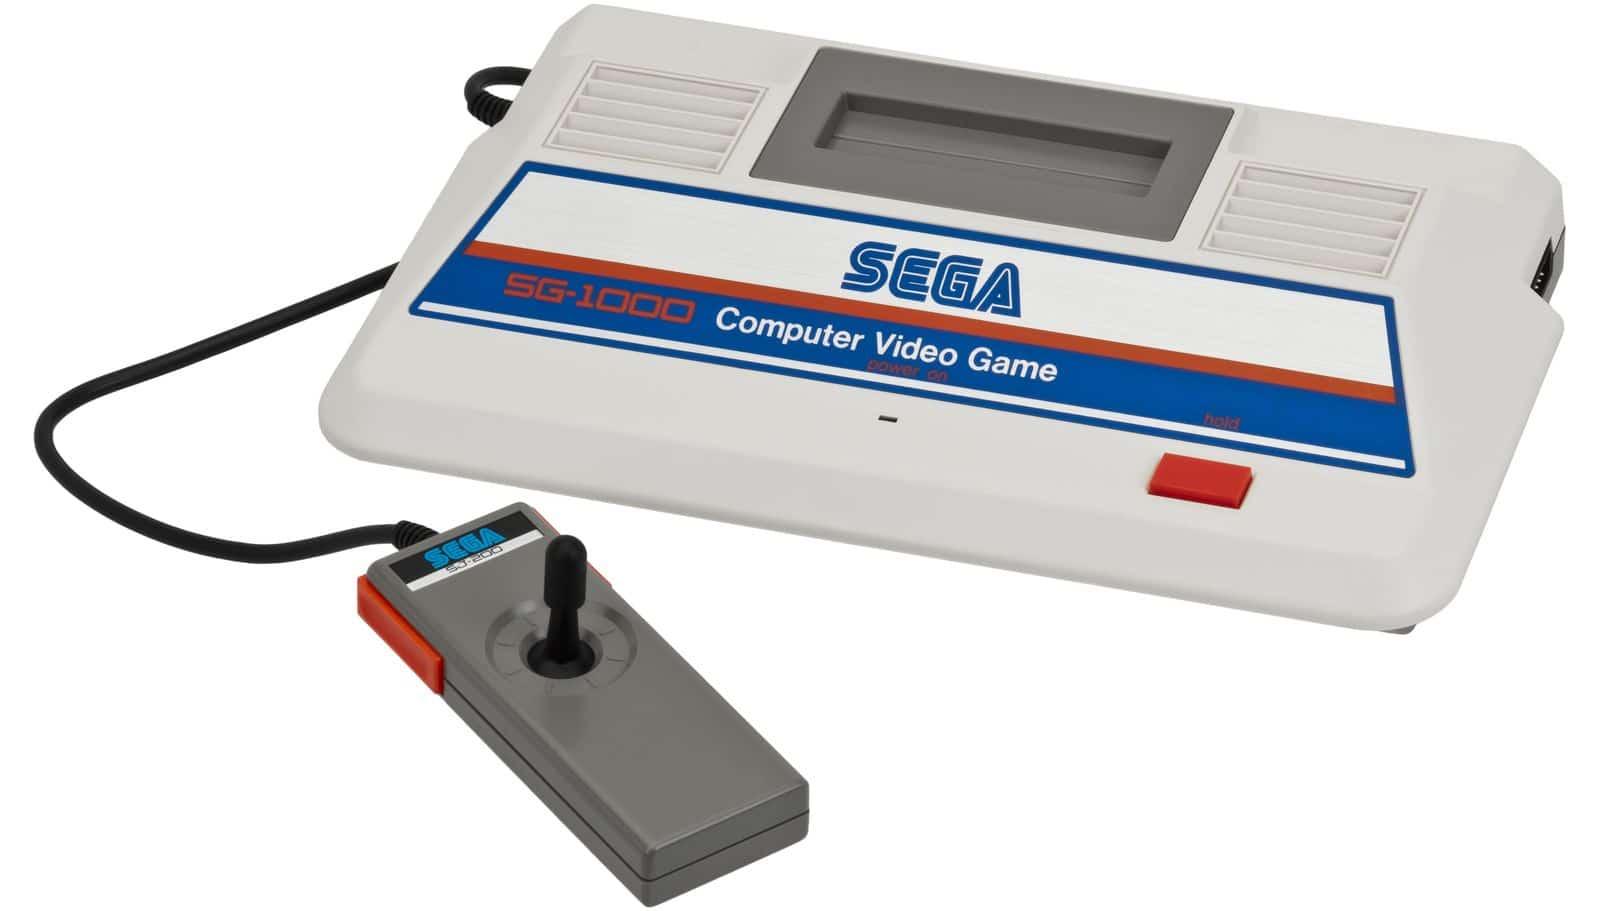 sega game consoles